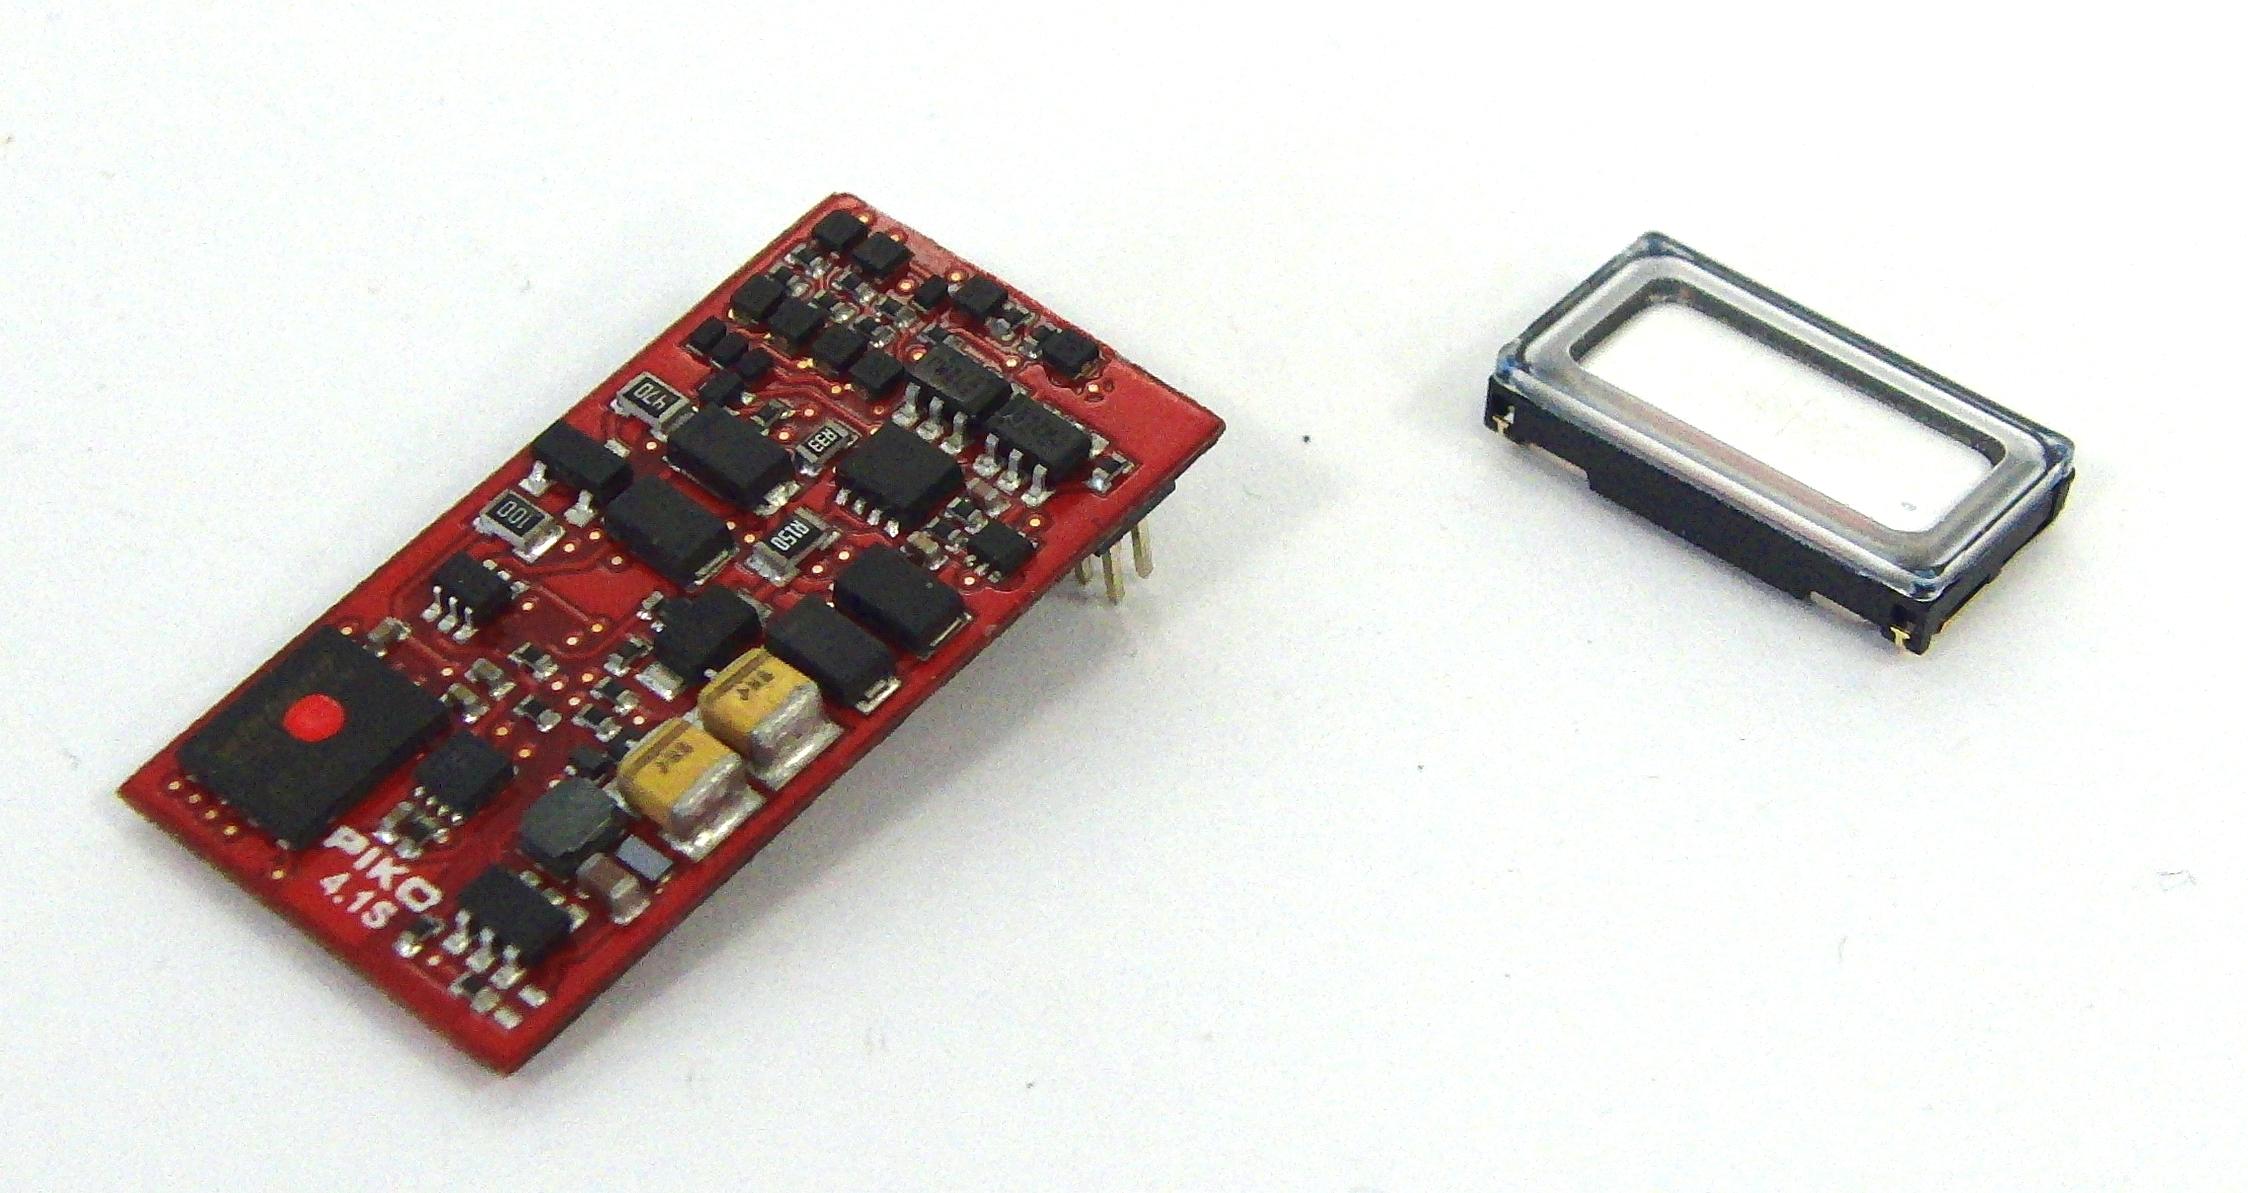 Piko SmartDecoder 4.1 vč. zvuku s rozhraním NEM 658 Plux22 (22pin) pro TGK2 - 56421